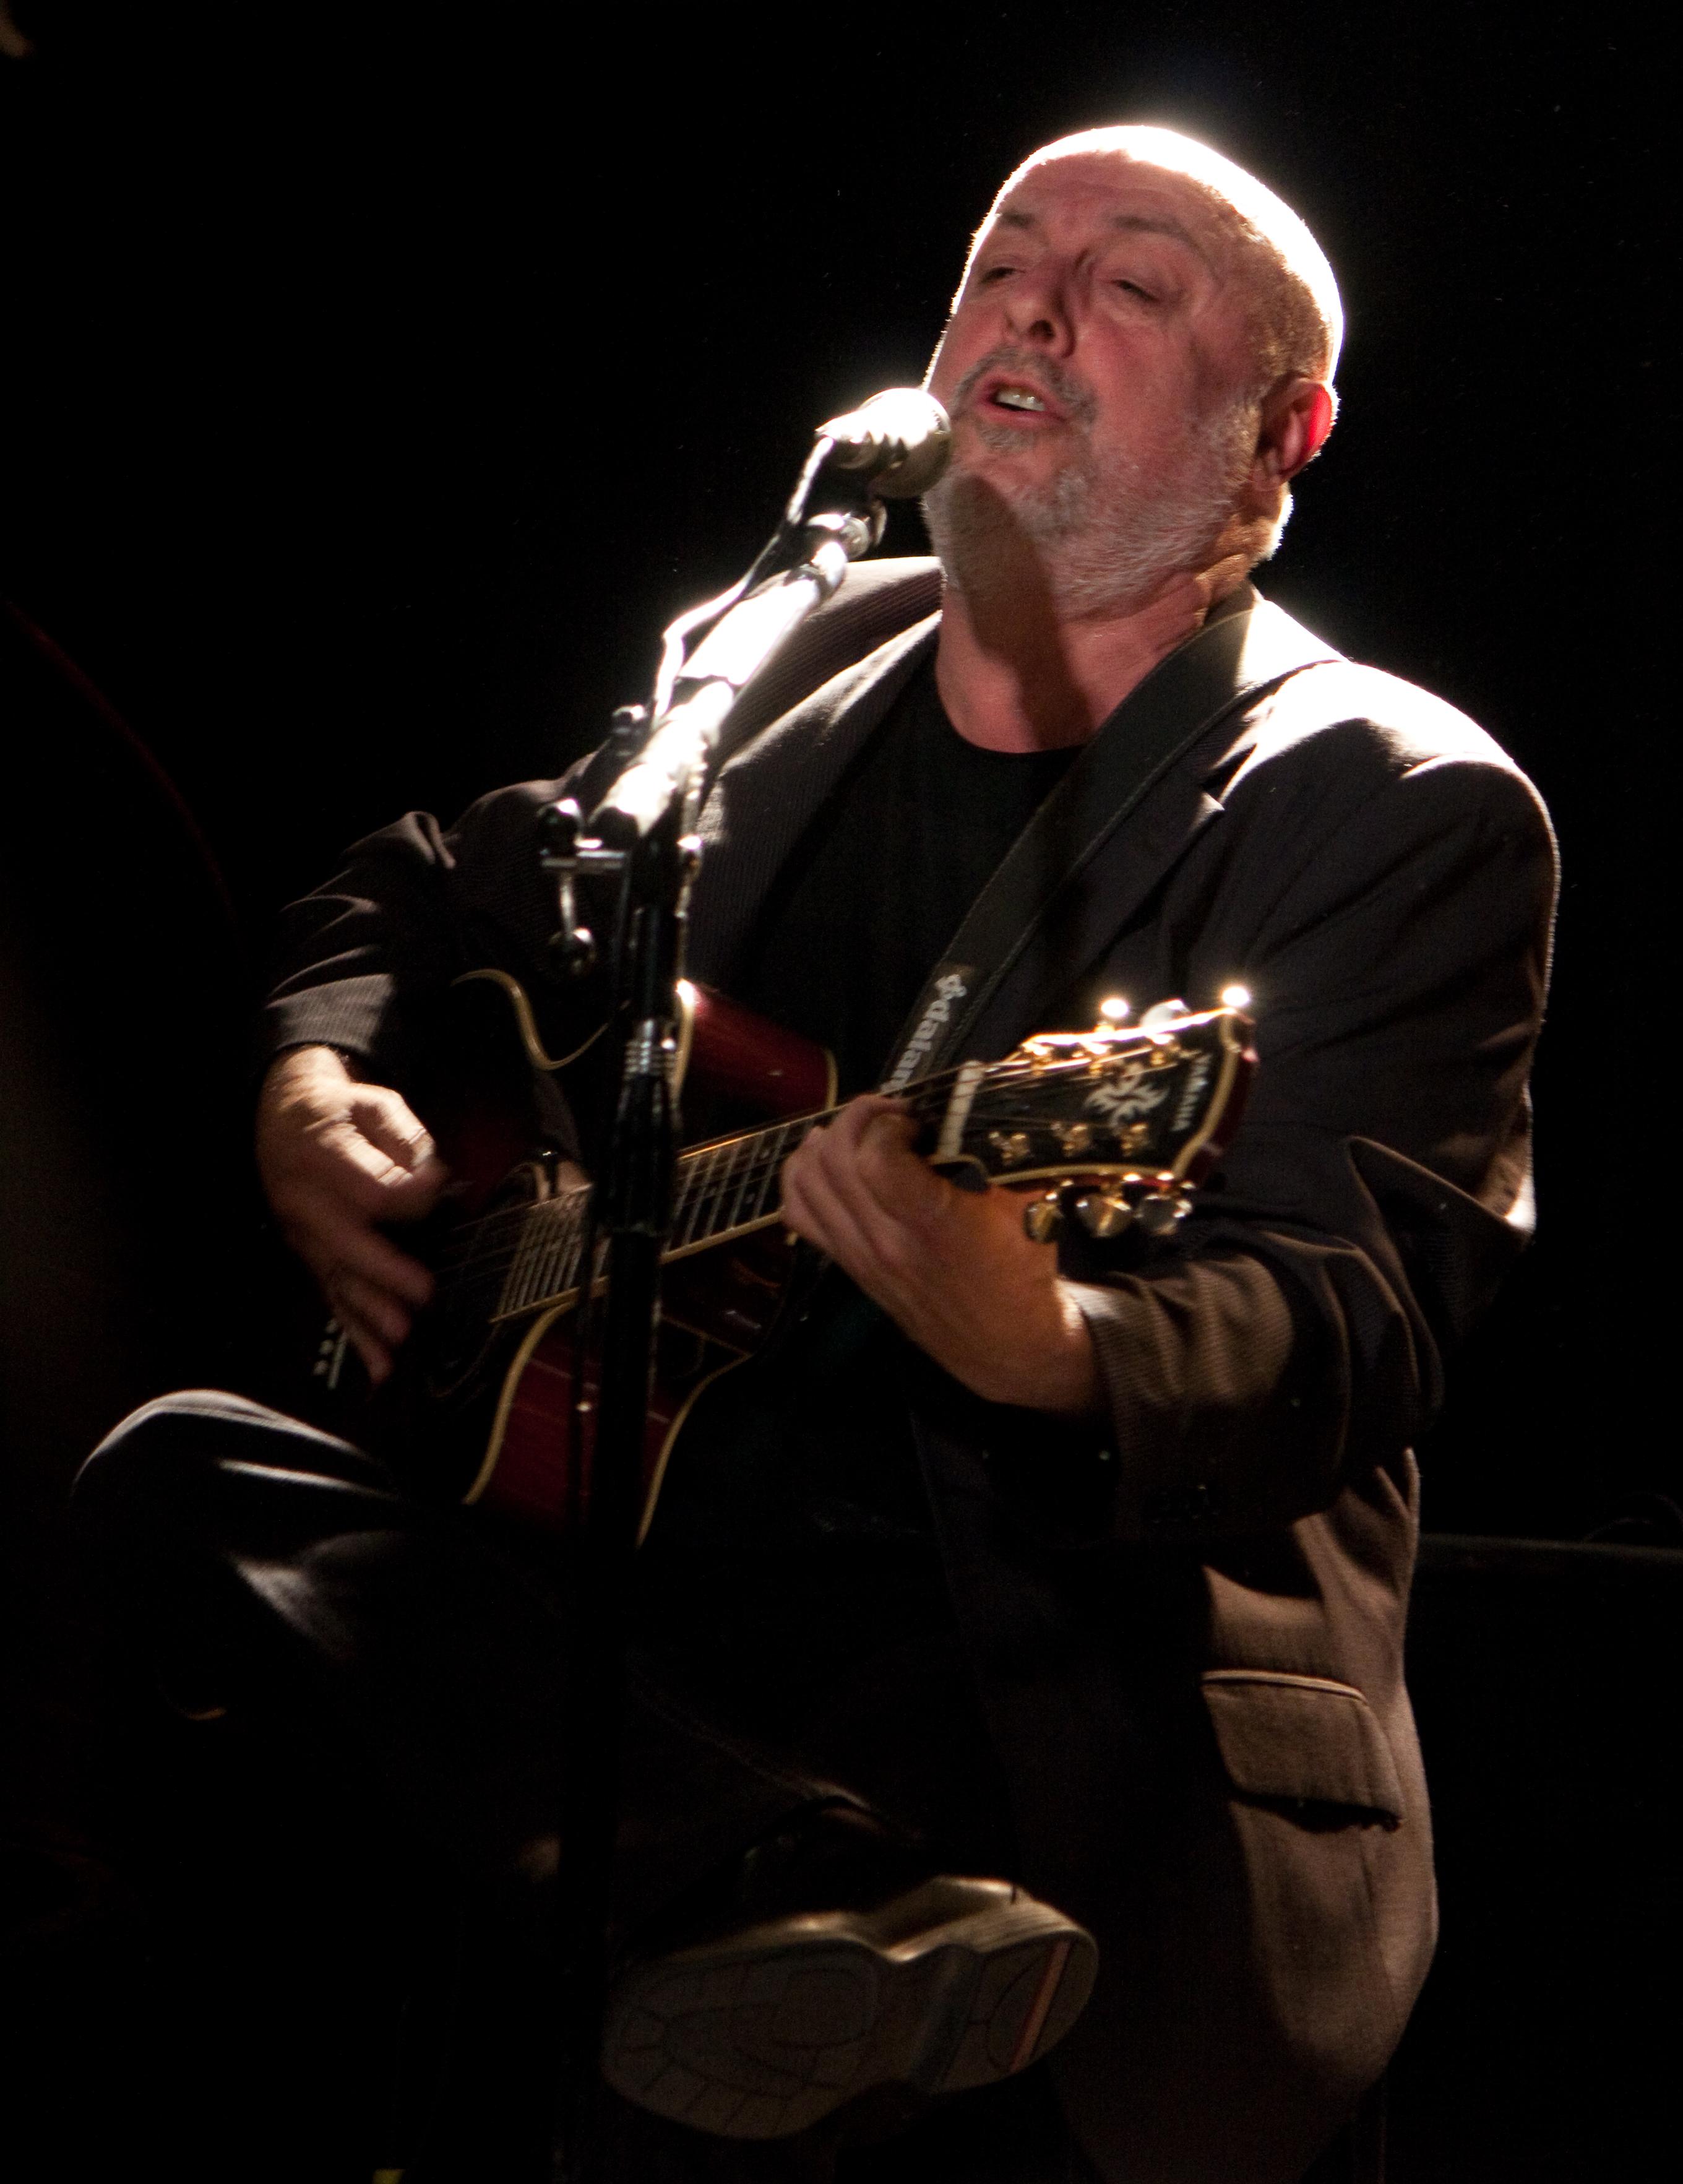 Juan Carlos Baglietto en un recital en la Ciudad de Buenos Aires. Noviembre de 2010.